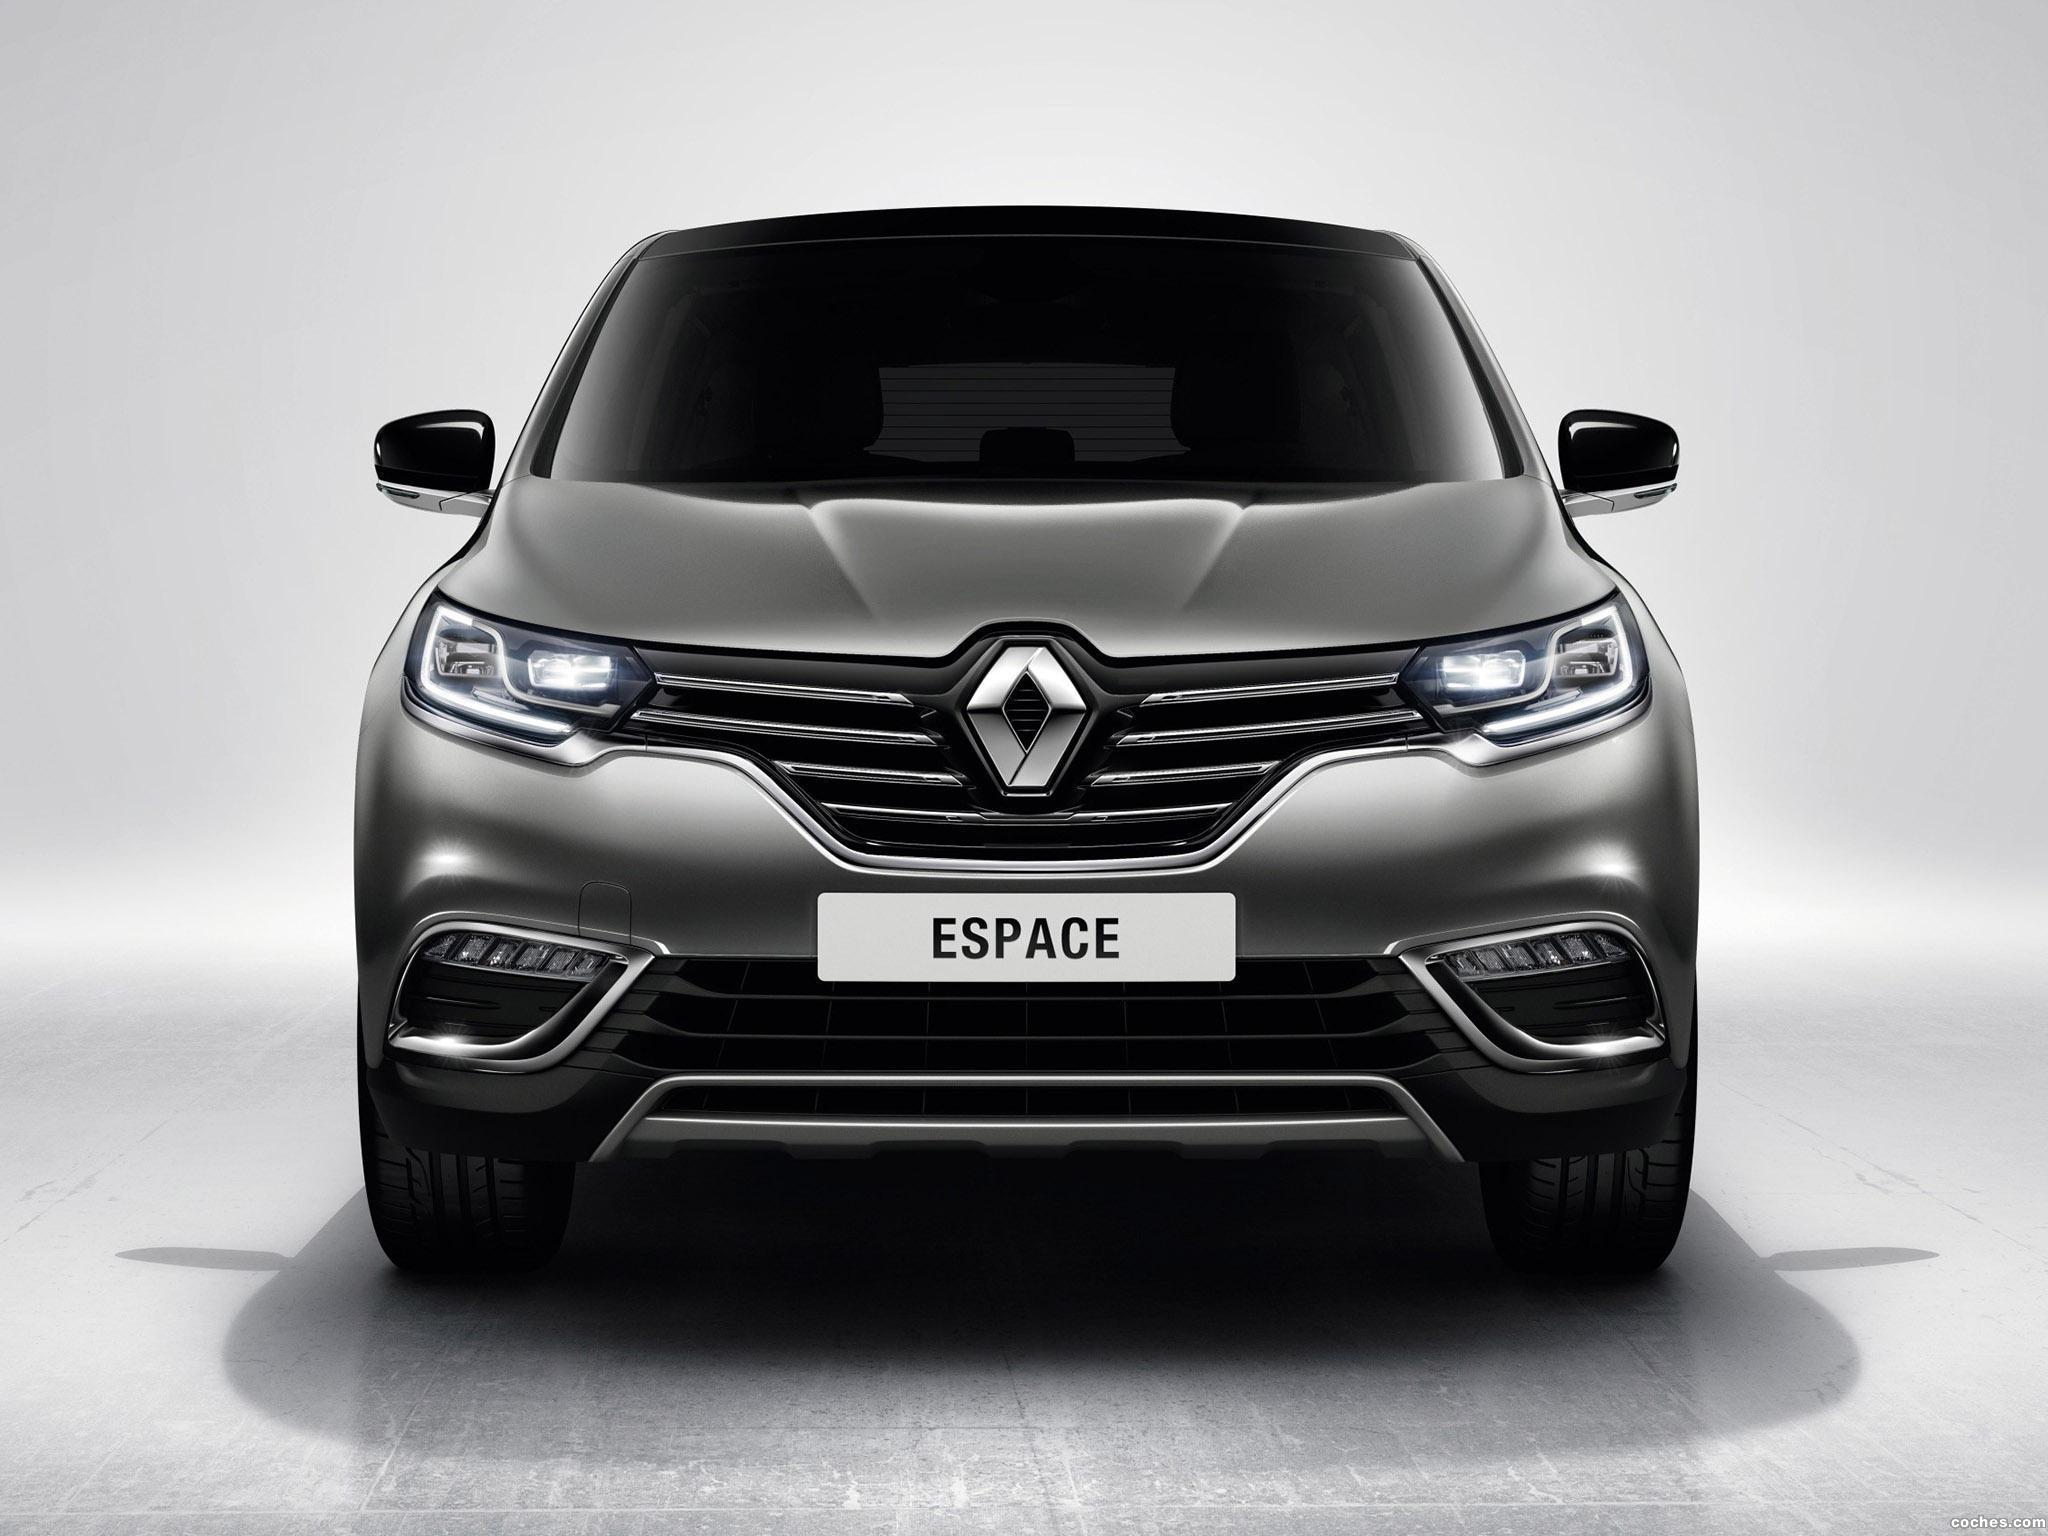 Foto 1 de Renault Espace 2015